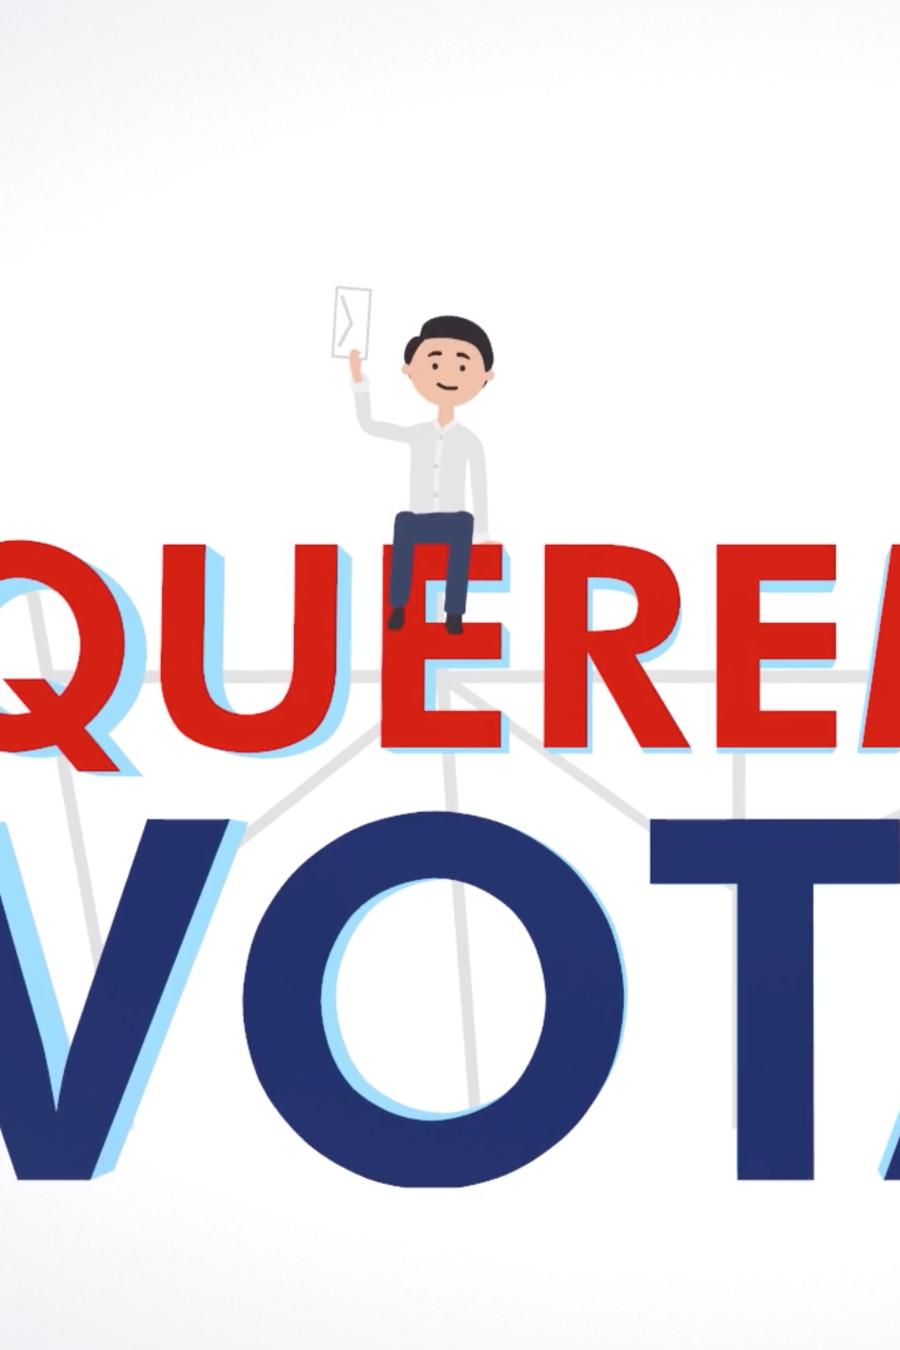 ¿Cómo votar si no puedes acudir? Conoce las opciones